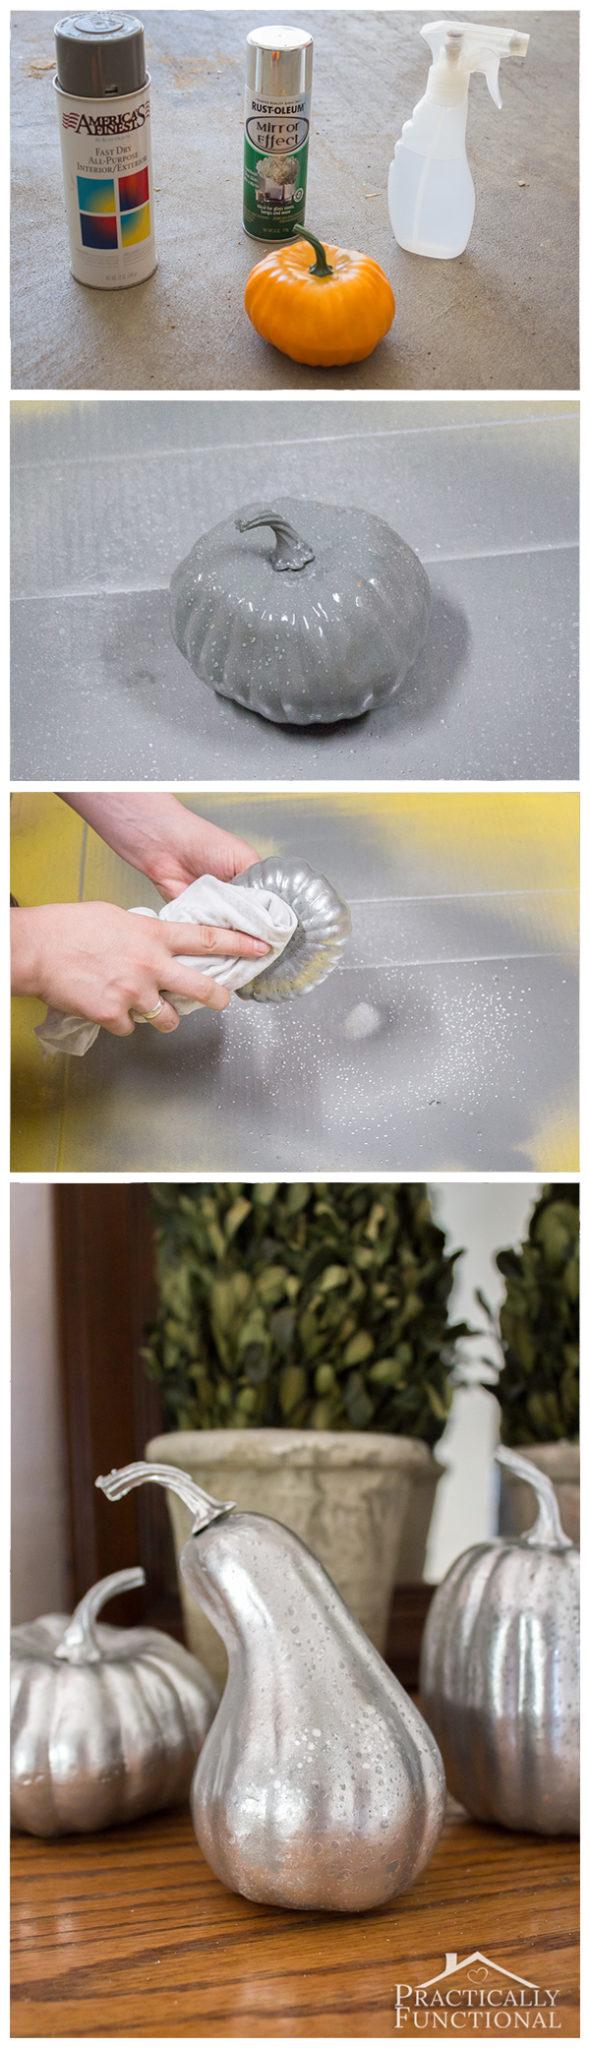 Rustoleum Spray Paint Ideas